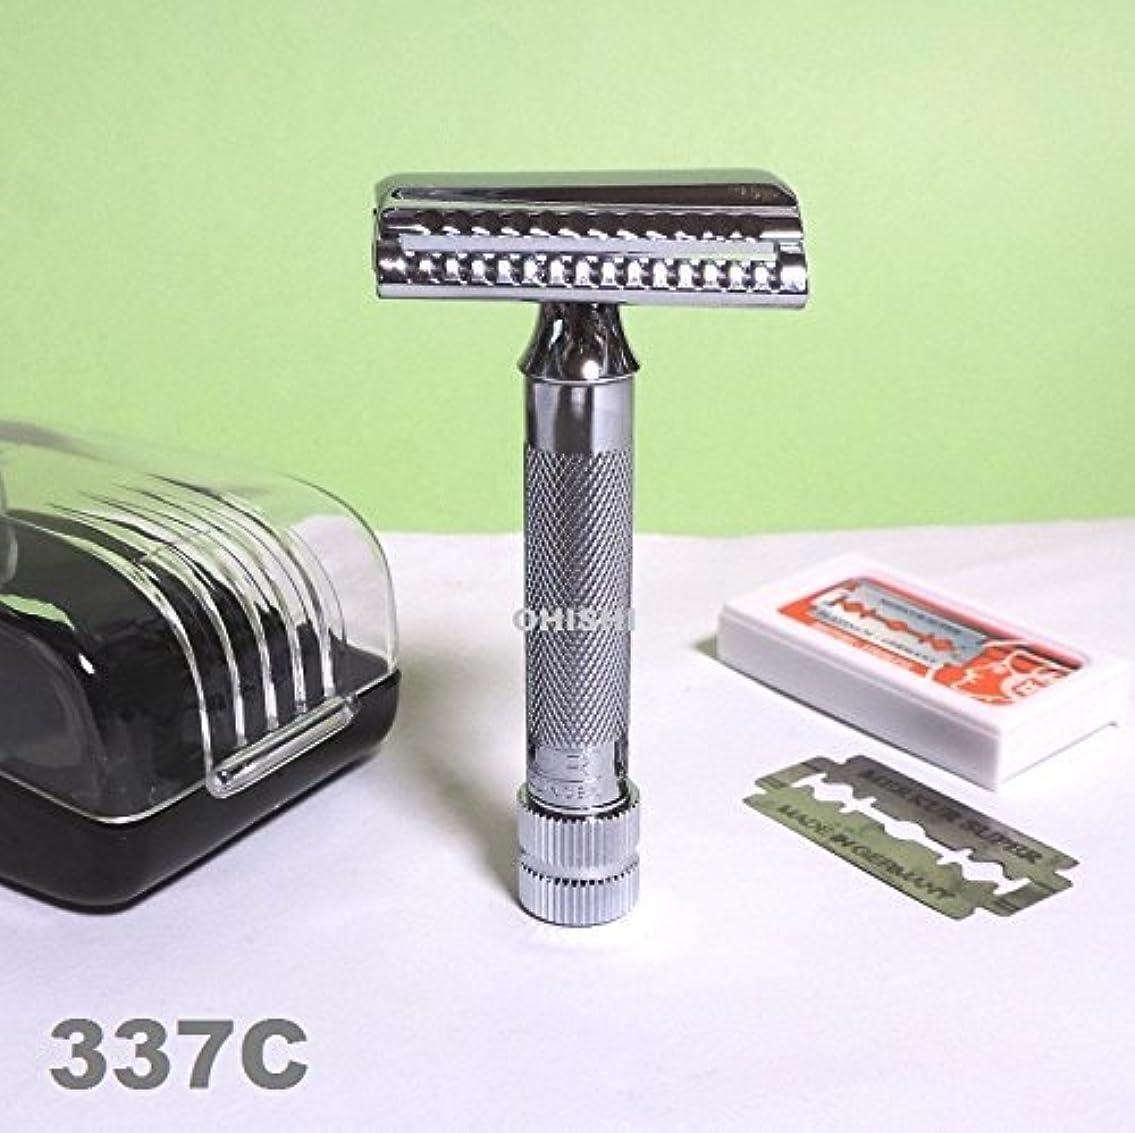 必需品放置島メルクールMERKUR(独)髭剃り(ひげそり)両刃ホルダー ツイストヘッド337C (替刃11枚付)プラケース入